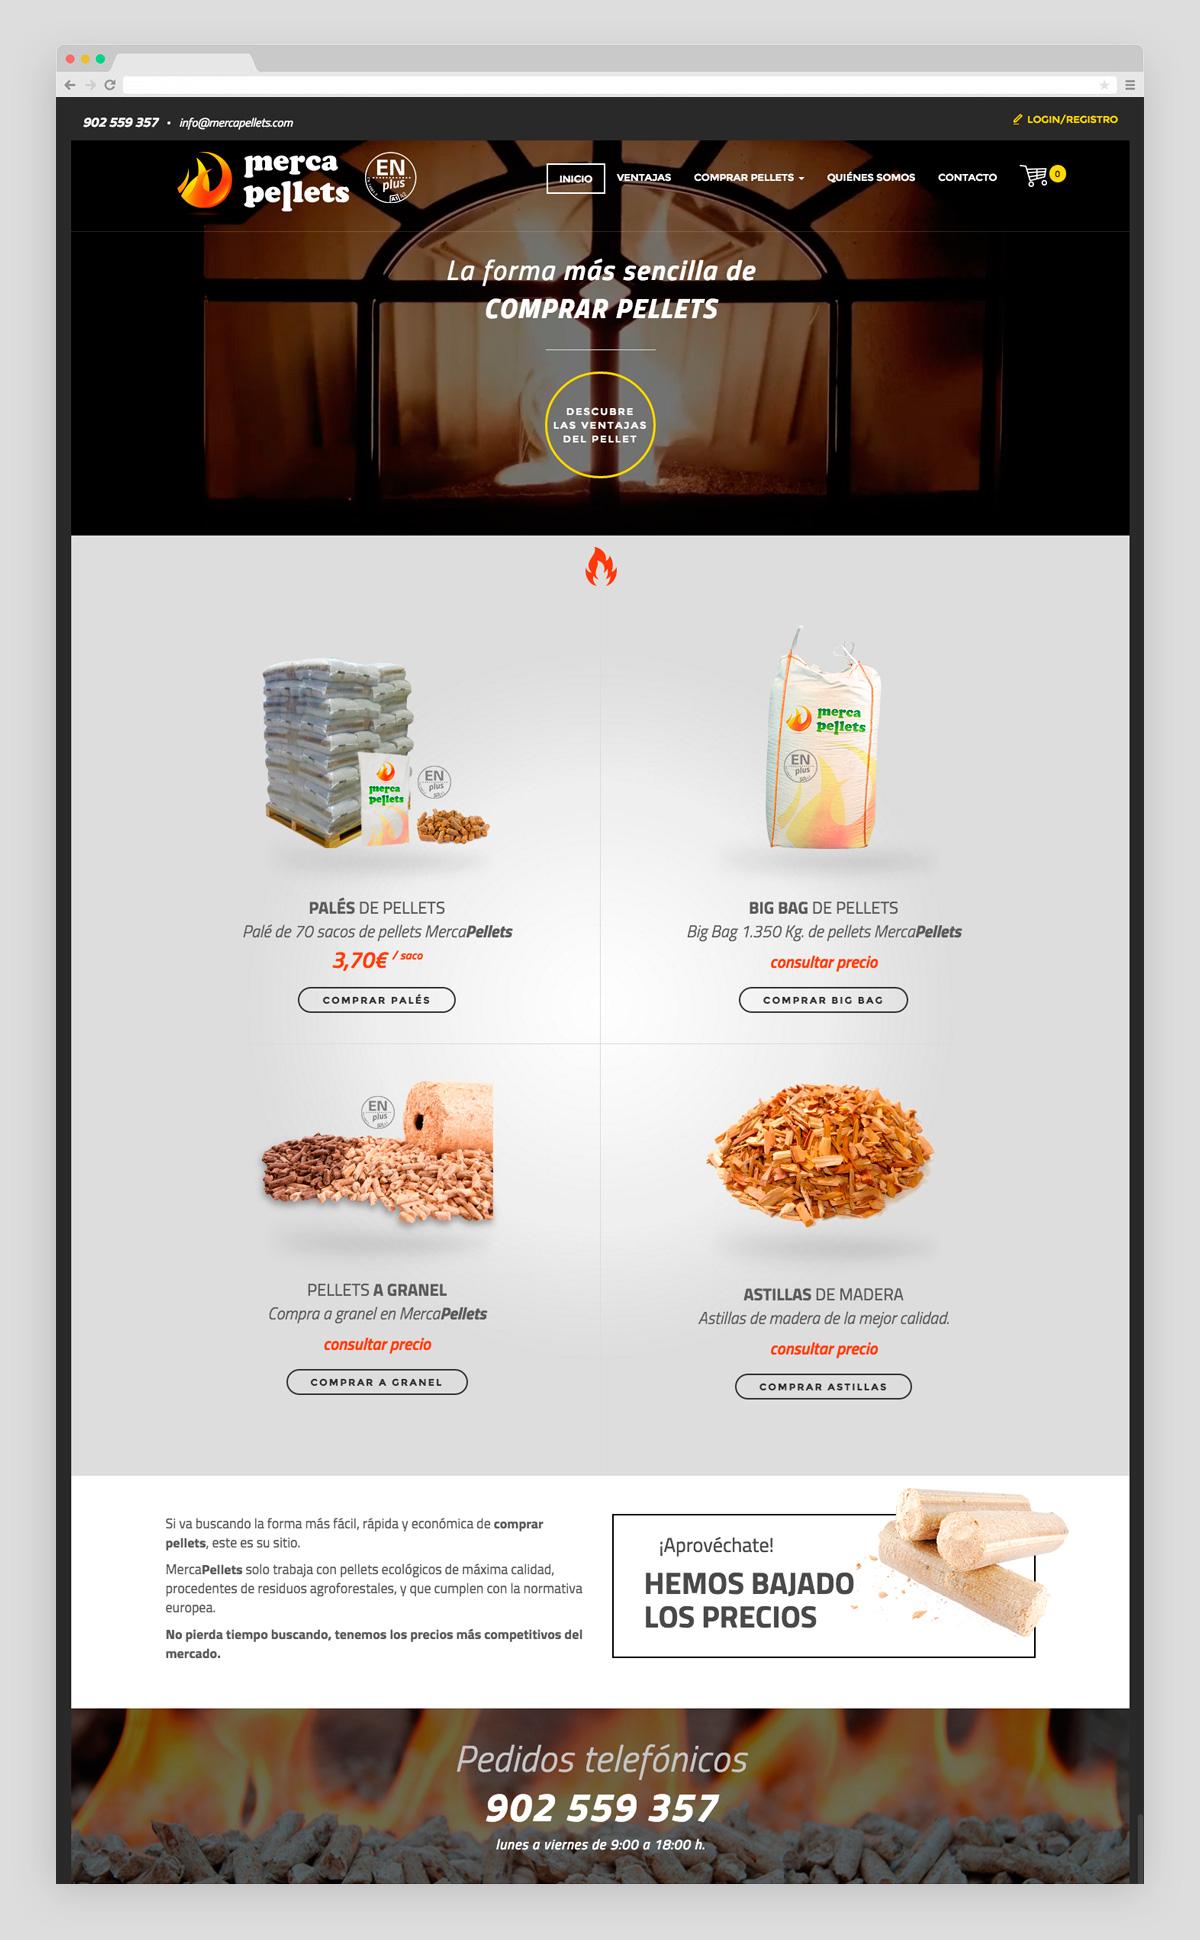 Imagen adicional 1 del proyecto Merca Pellets